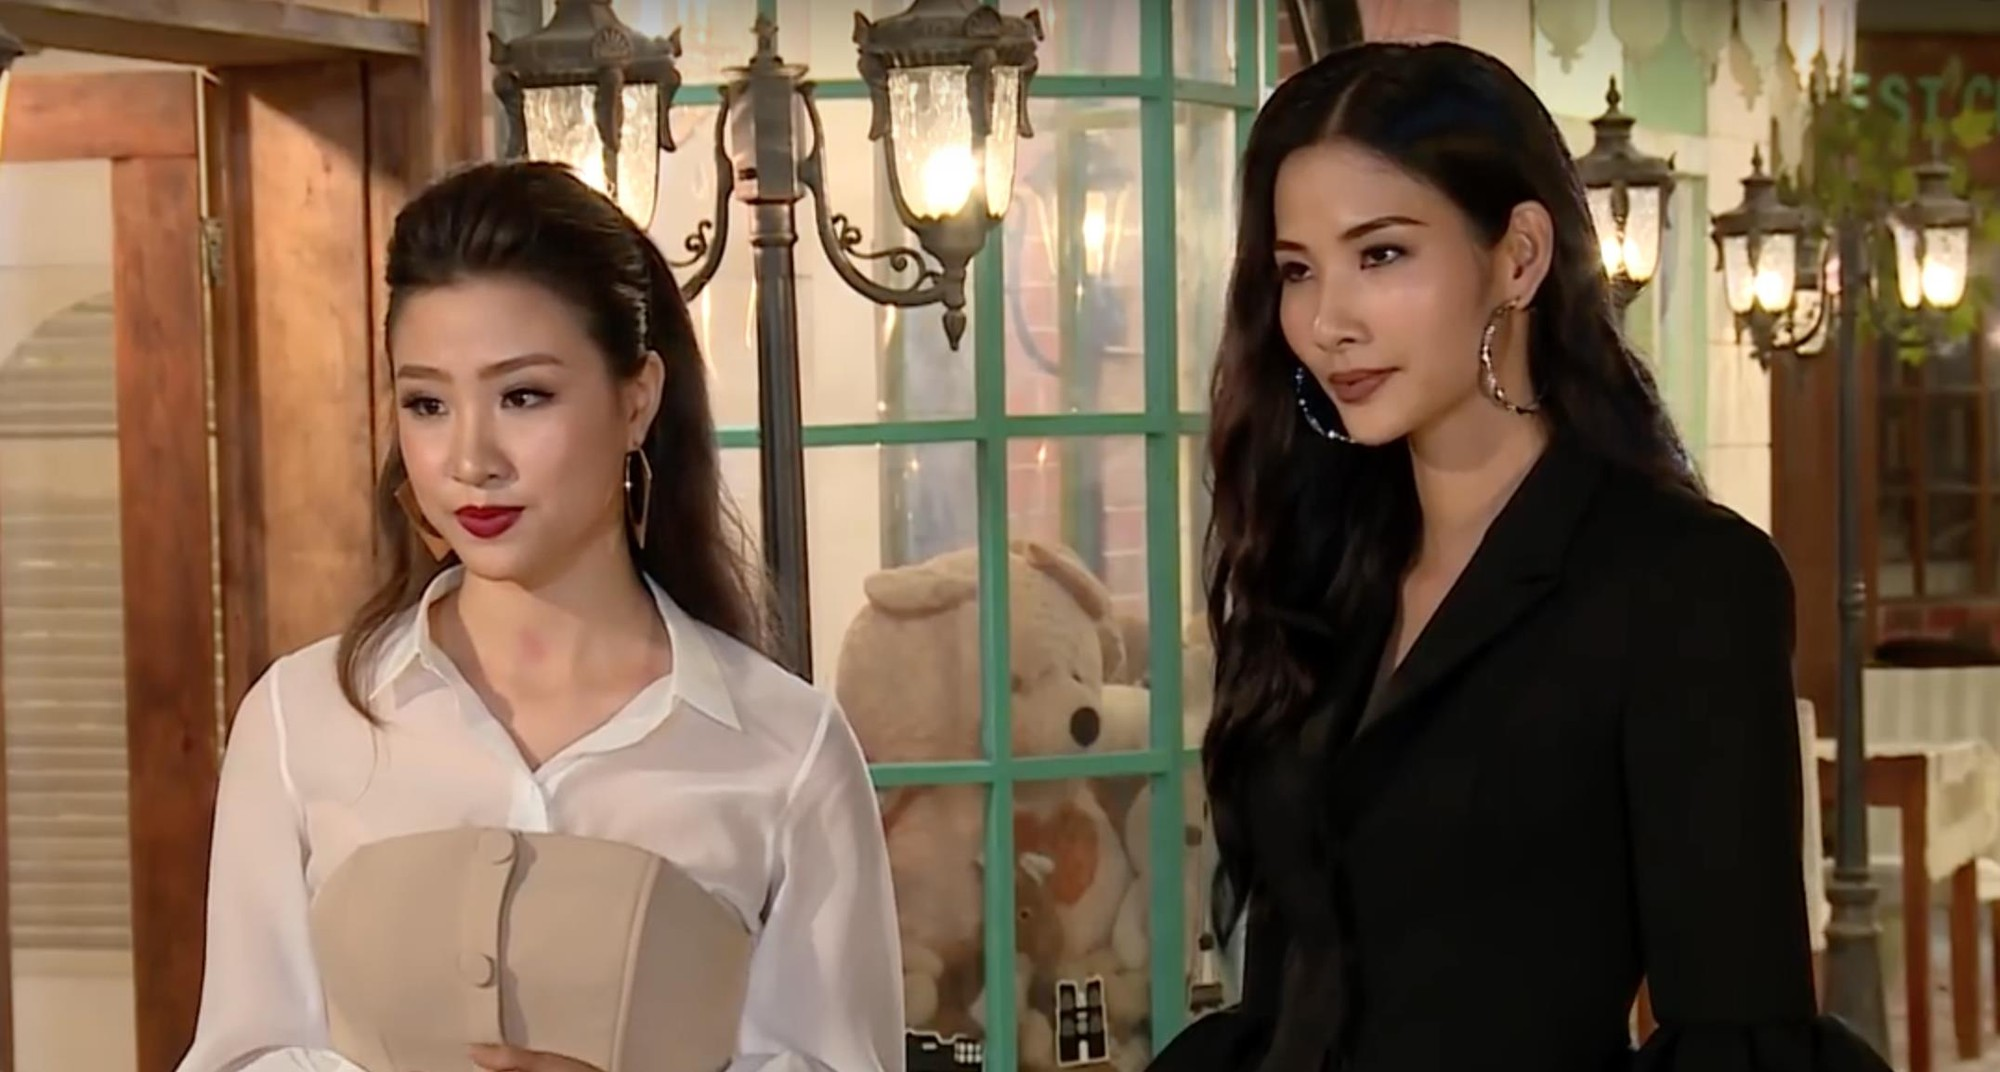 Tiếp tục dùng lại thử thách cũ cho Hoa hậu Hoàn vũ Việt Nam, ê-kíp sản xuất Next Top Việt đã cạn ý tưởng? - Ảnh 7.